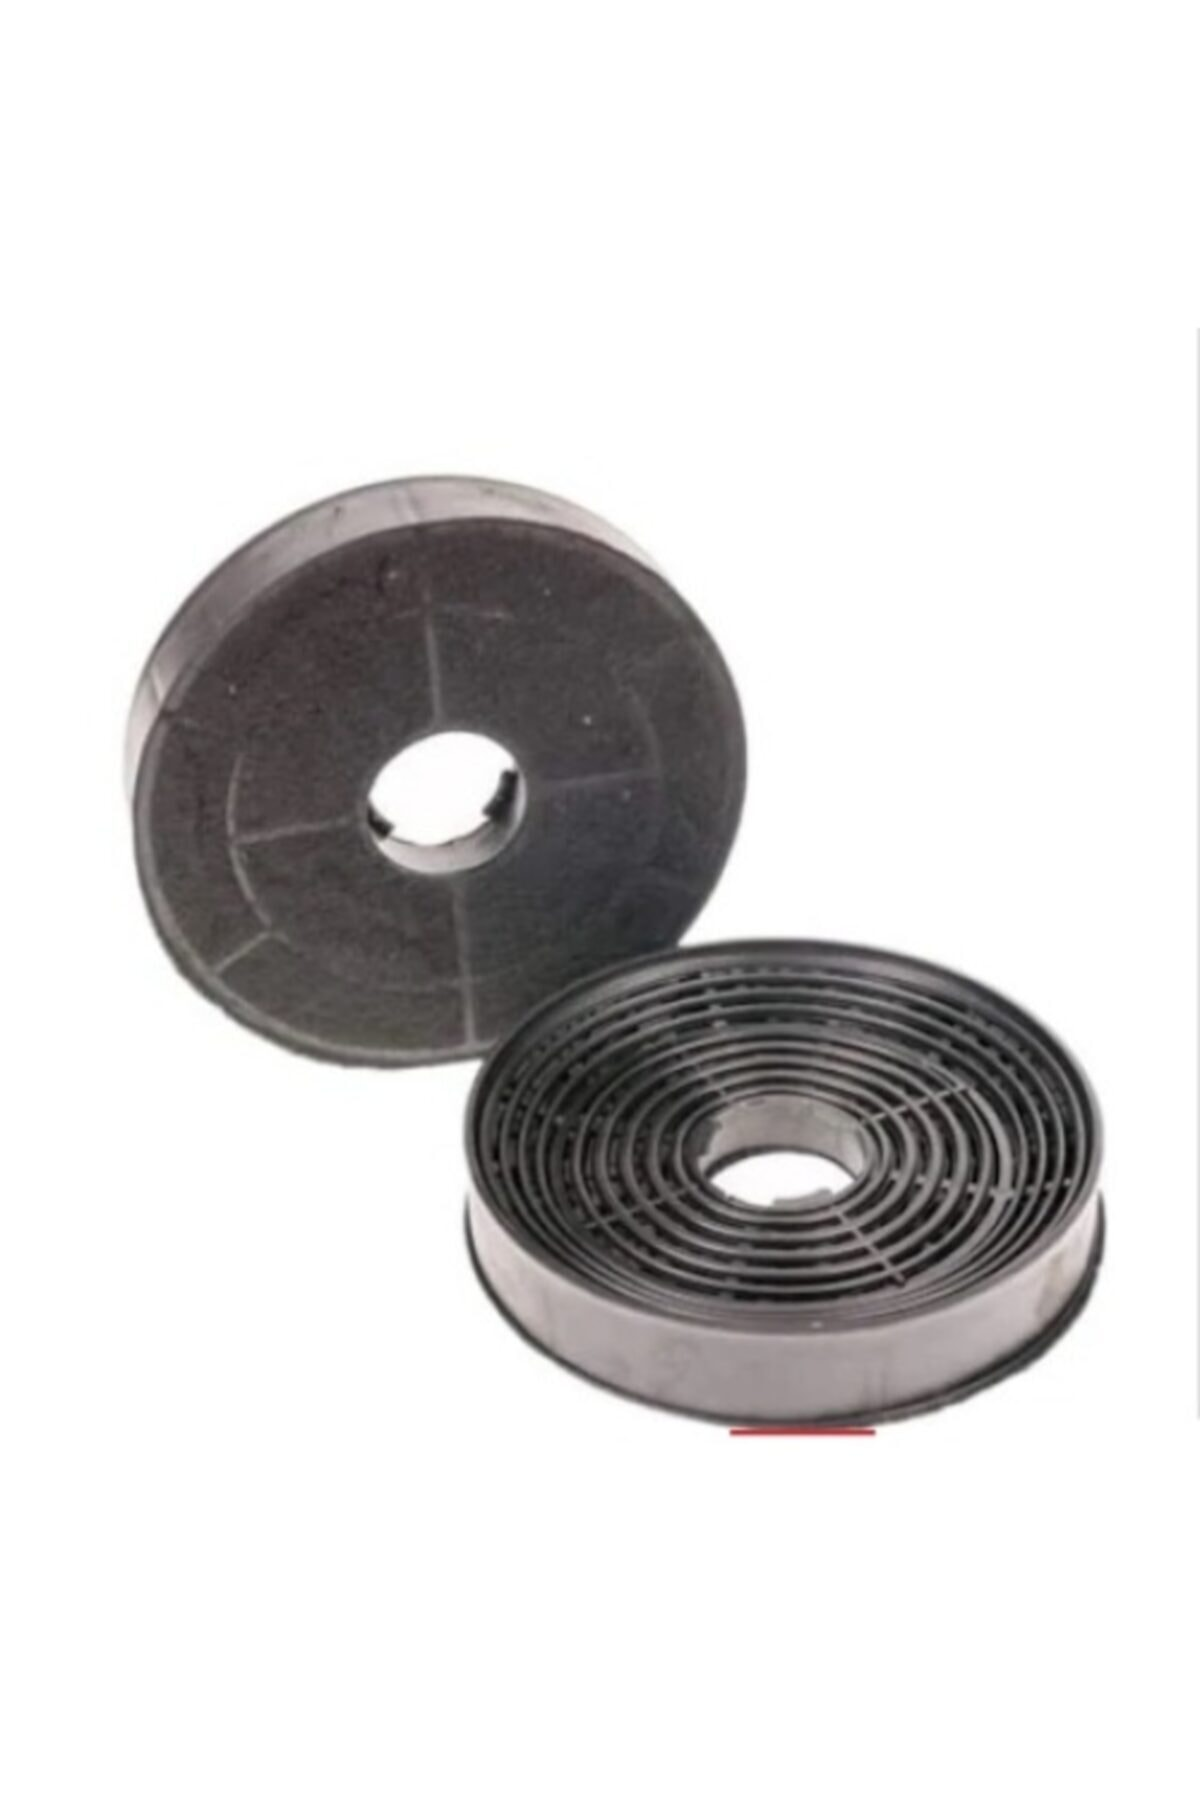 Alpina Bacasız Kullanım Için Karbon Filtre 2 Adet 1